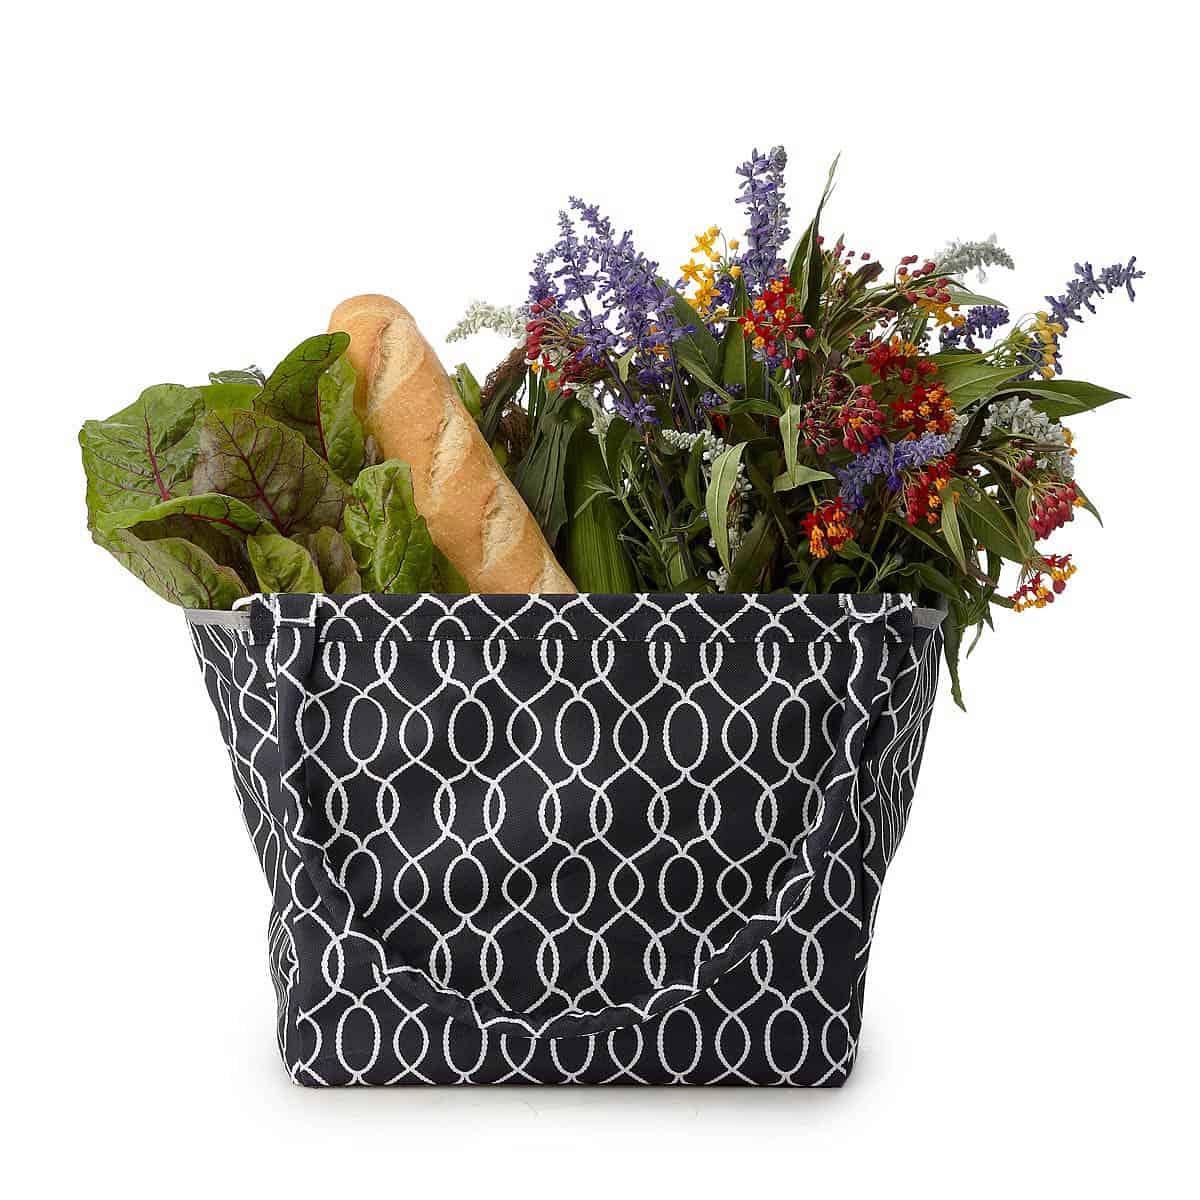 foldable-market-basket